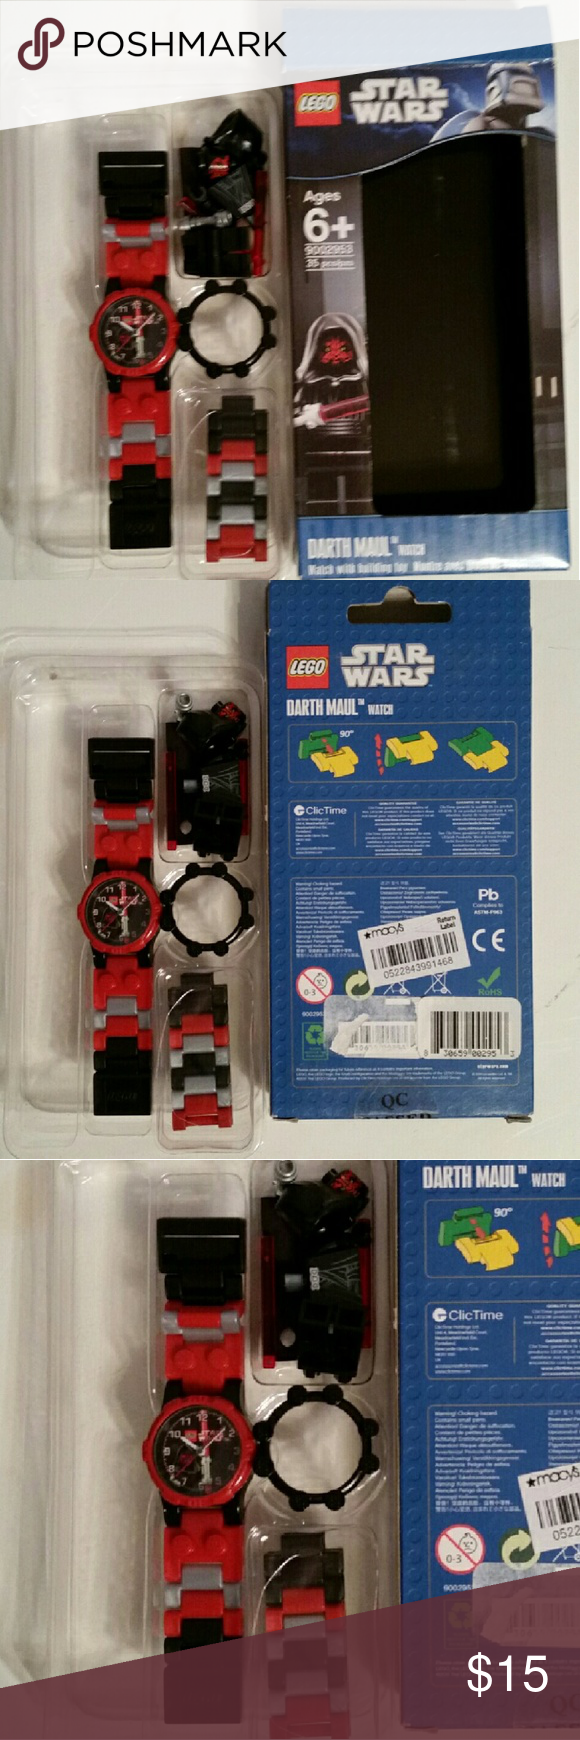 Star Wars Lego Watch Lego Accessories Lego Watch Lego Star Wars